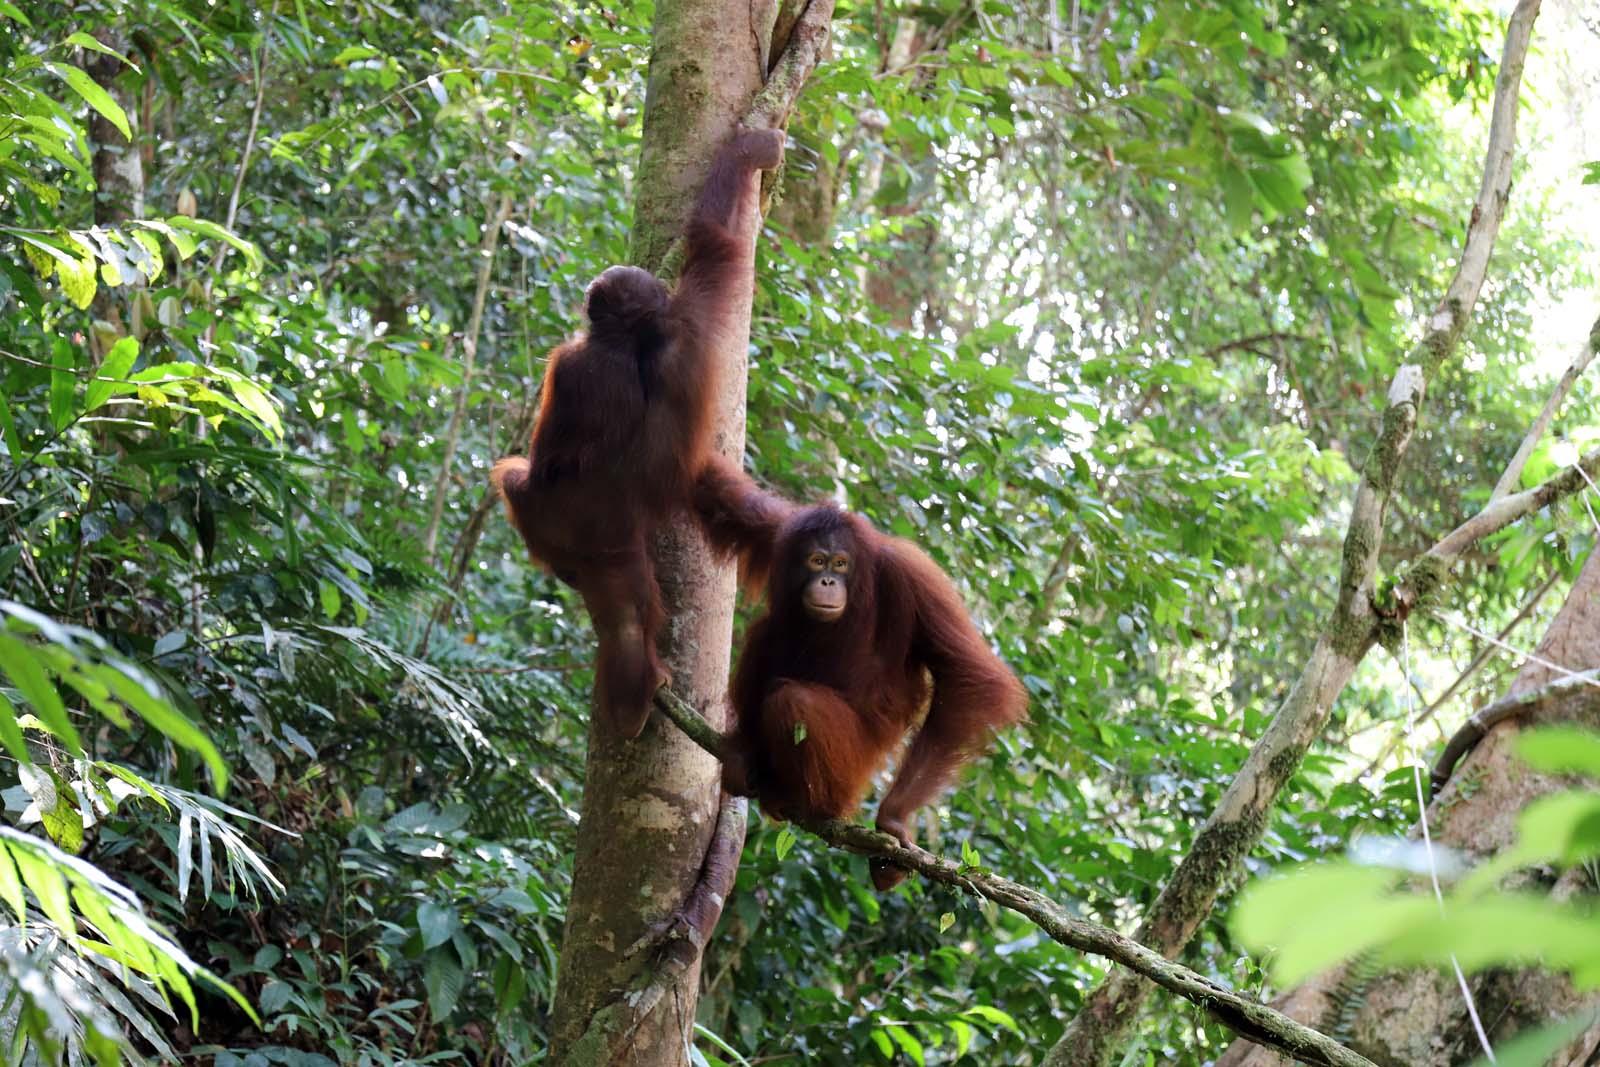 Op 7 april werden Ribang, Leon en Viko vrijgelaten in nationaal park Betung Kerihun | © SOC